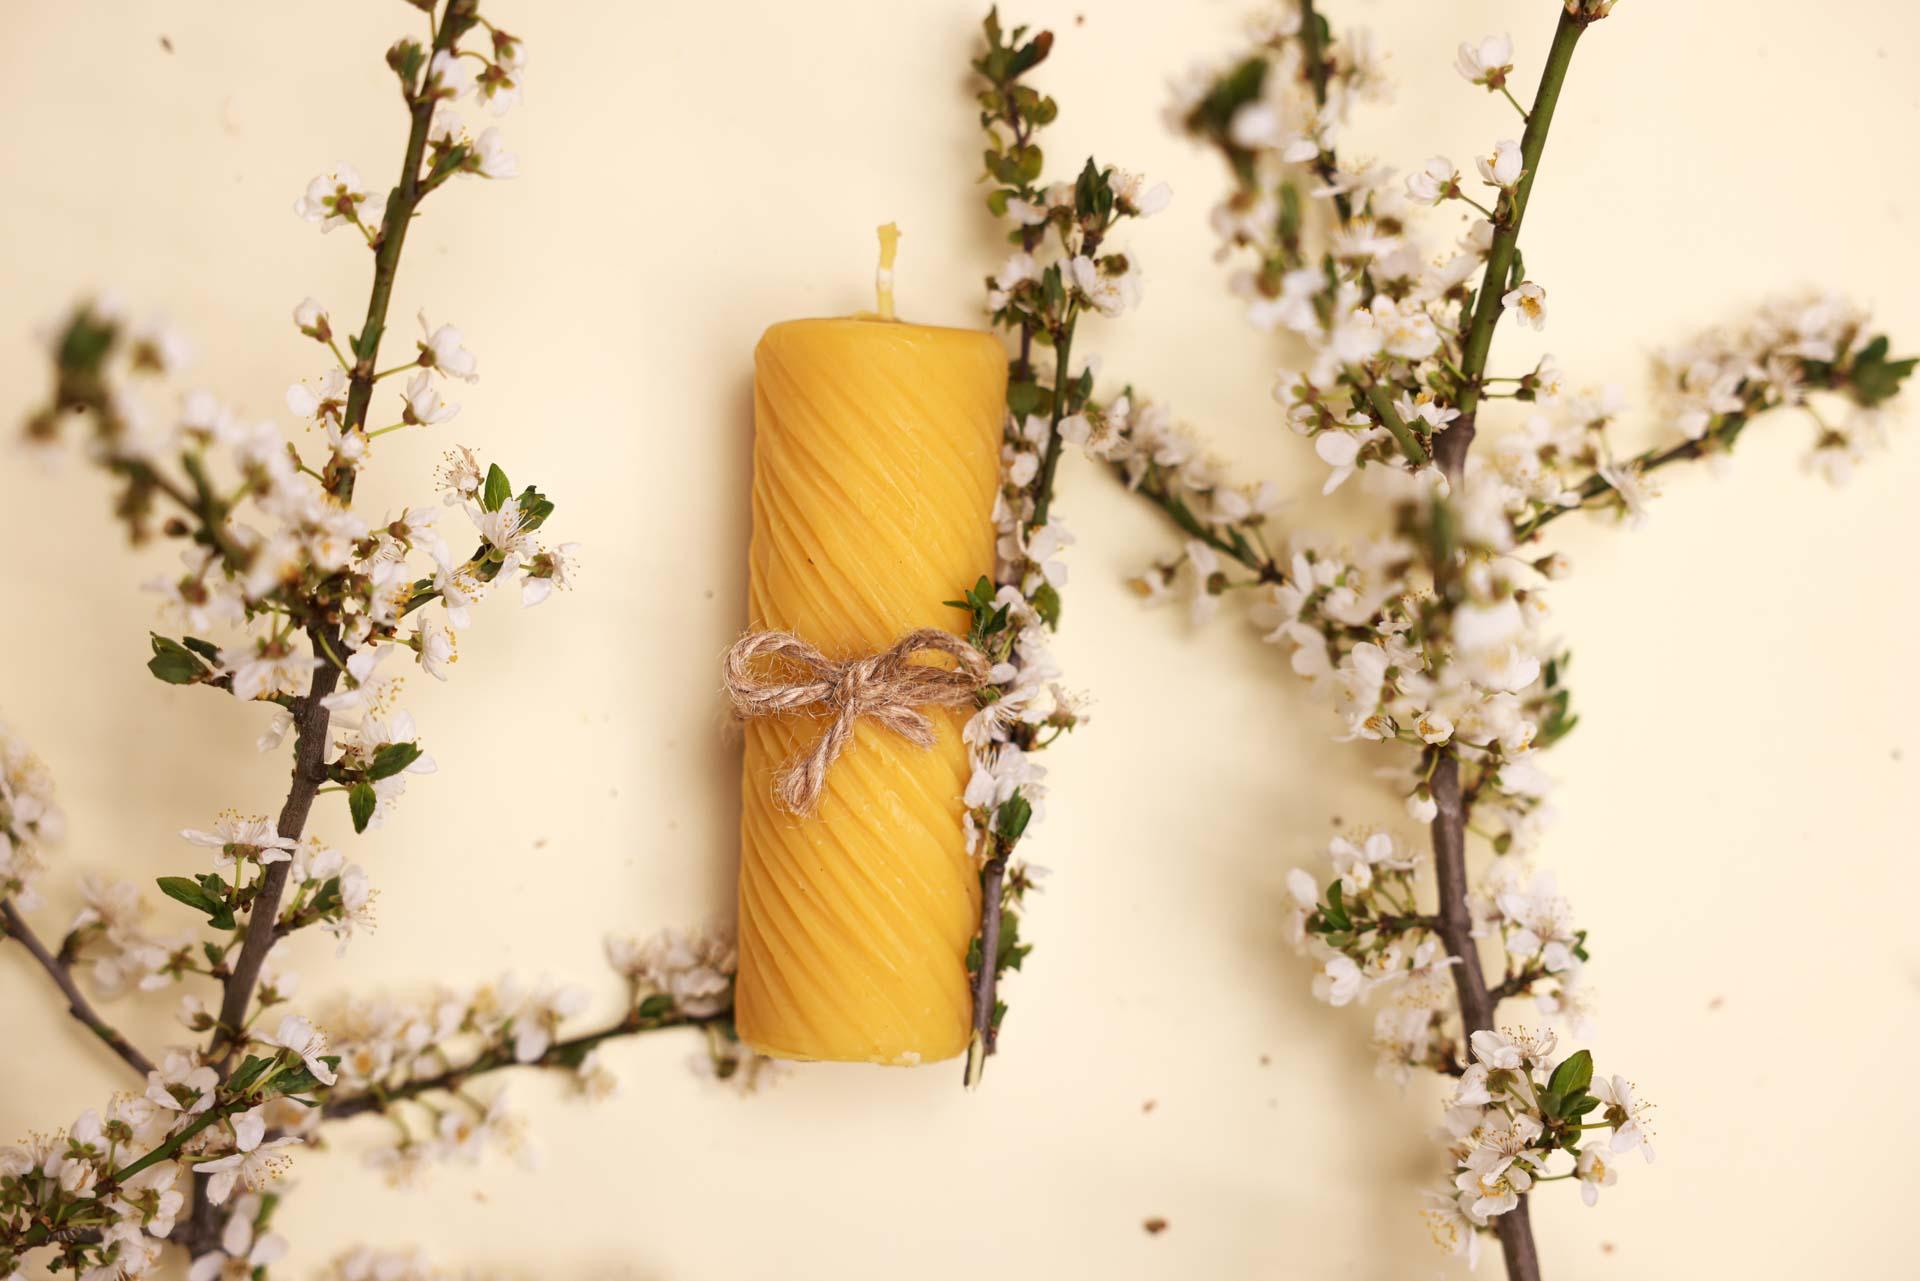 4 Stumpenkerzen gedreht  (ca. 12cm x 4,5cm) aus 100% Bienenwachs vom Imker